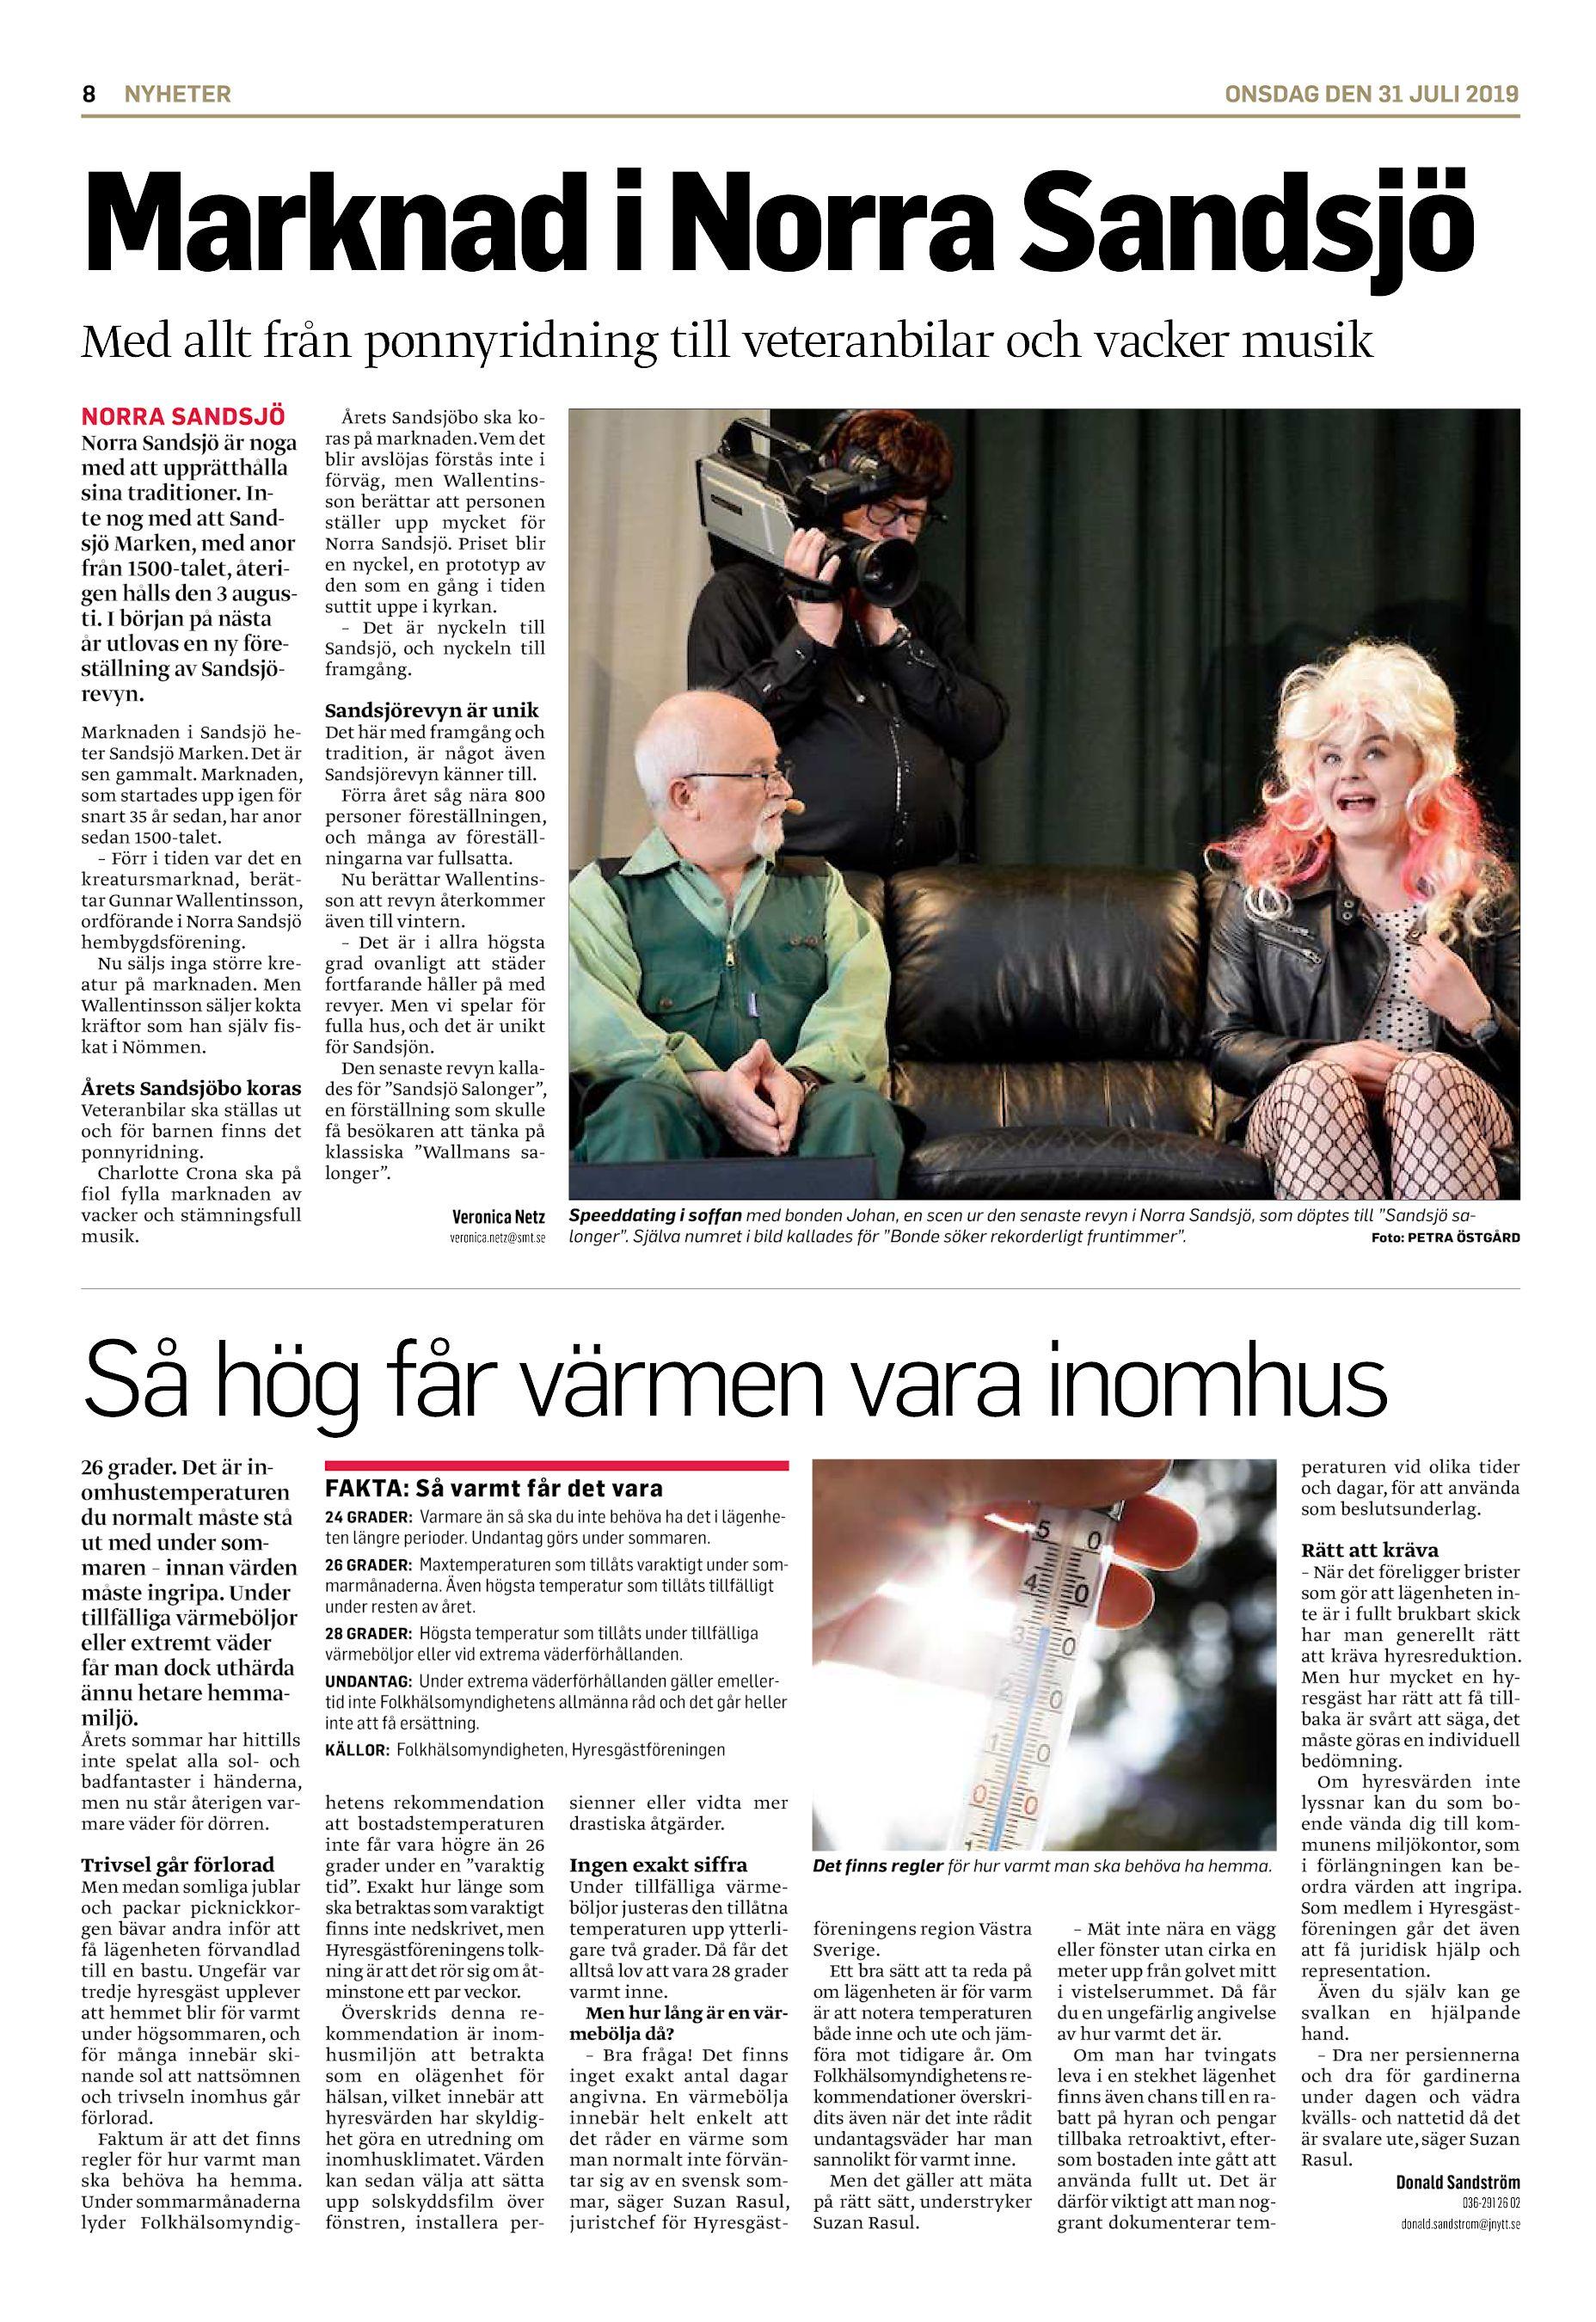 Ny revy planeras i Norra Sandsj - frst blir det marknad